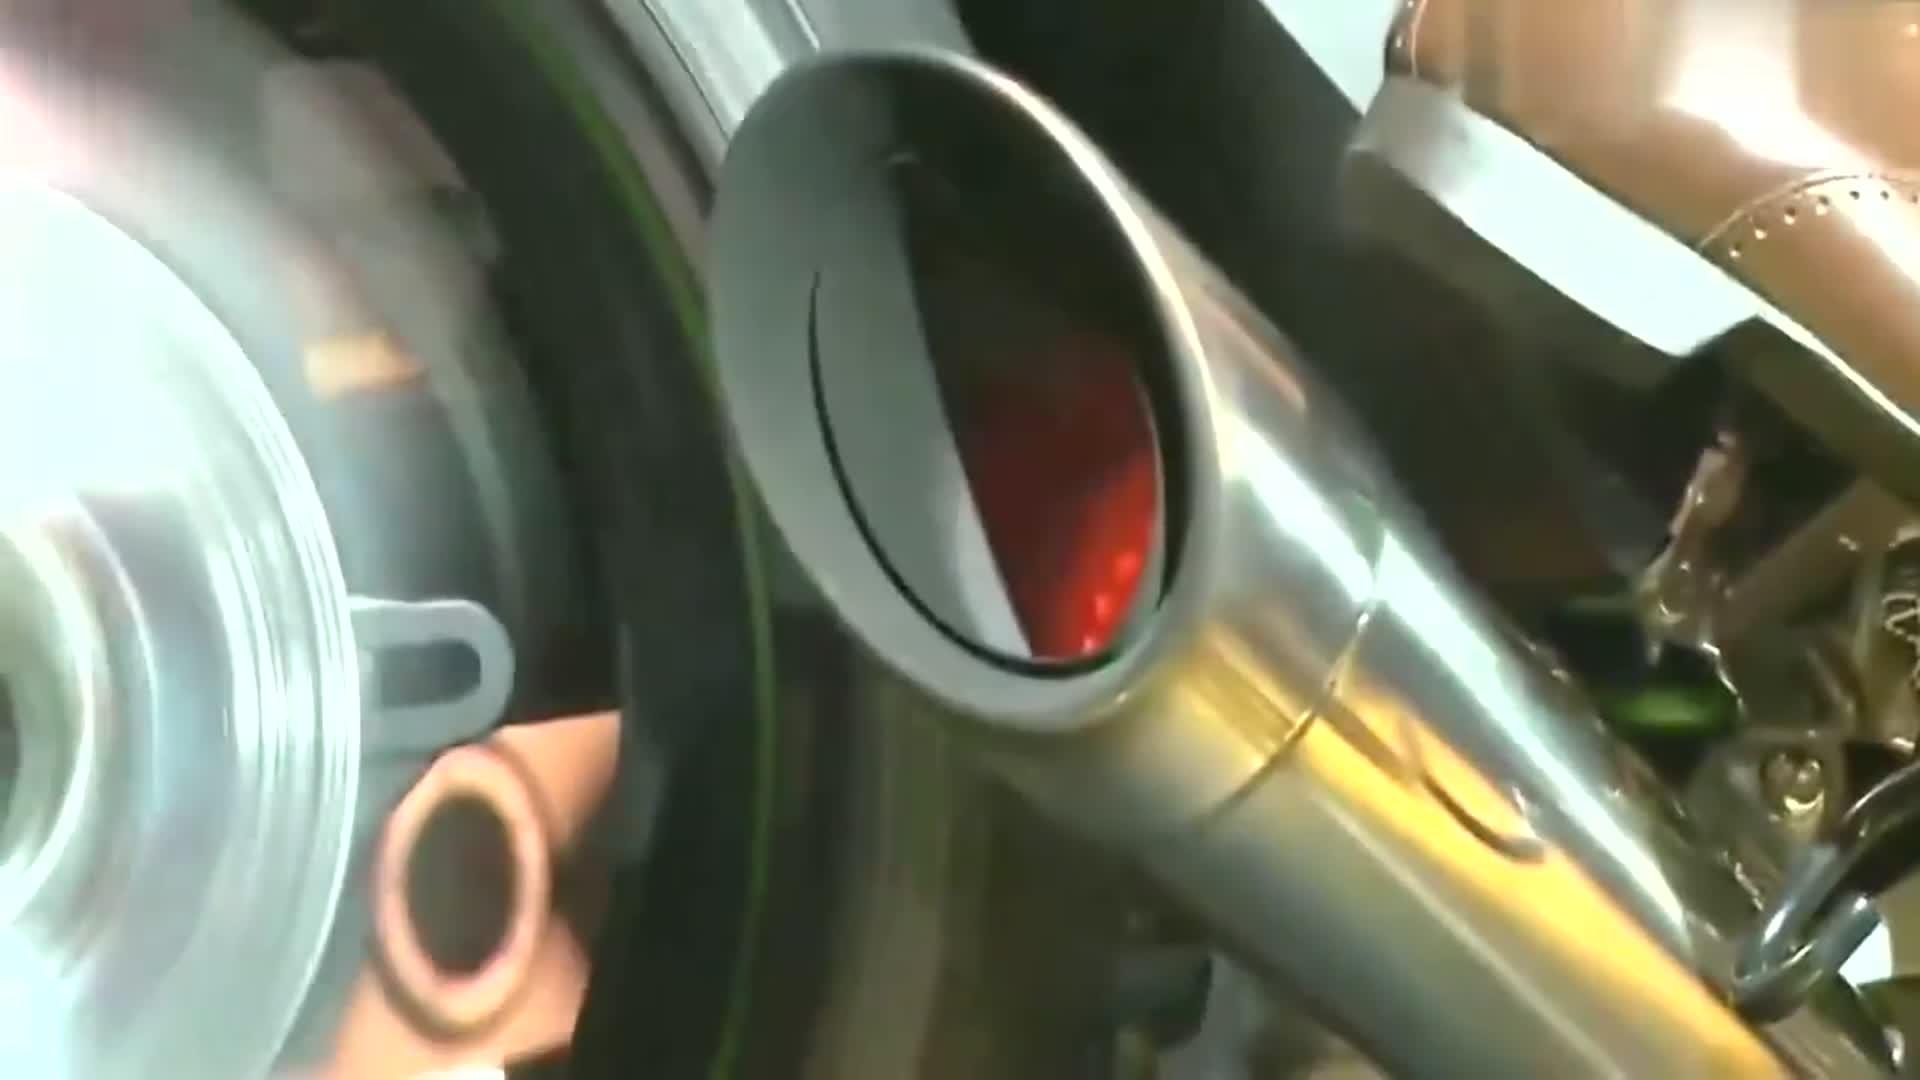 机车川崎H2R声浪鉴赏,涡轮镇压的魅力一般人不懂,这加速太猛!